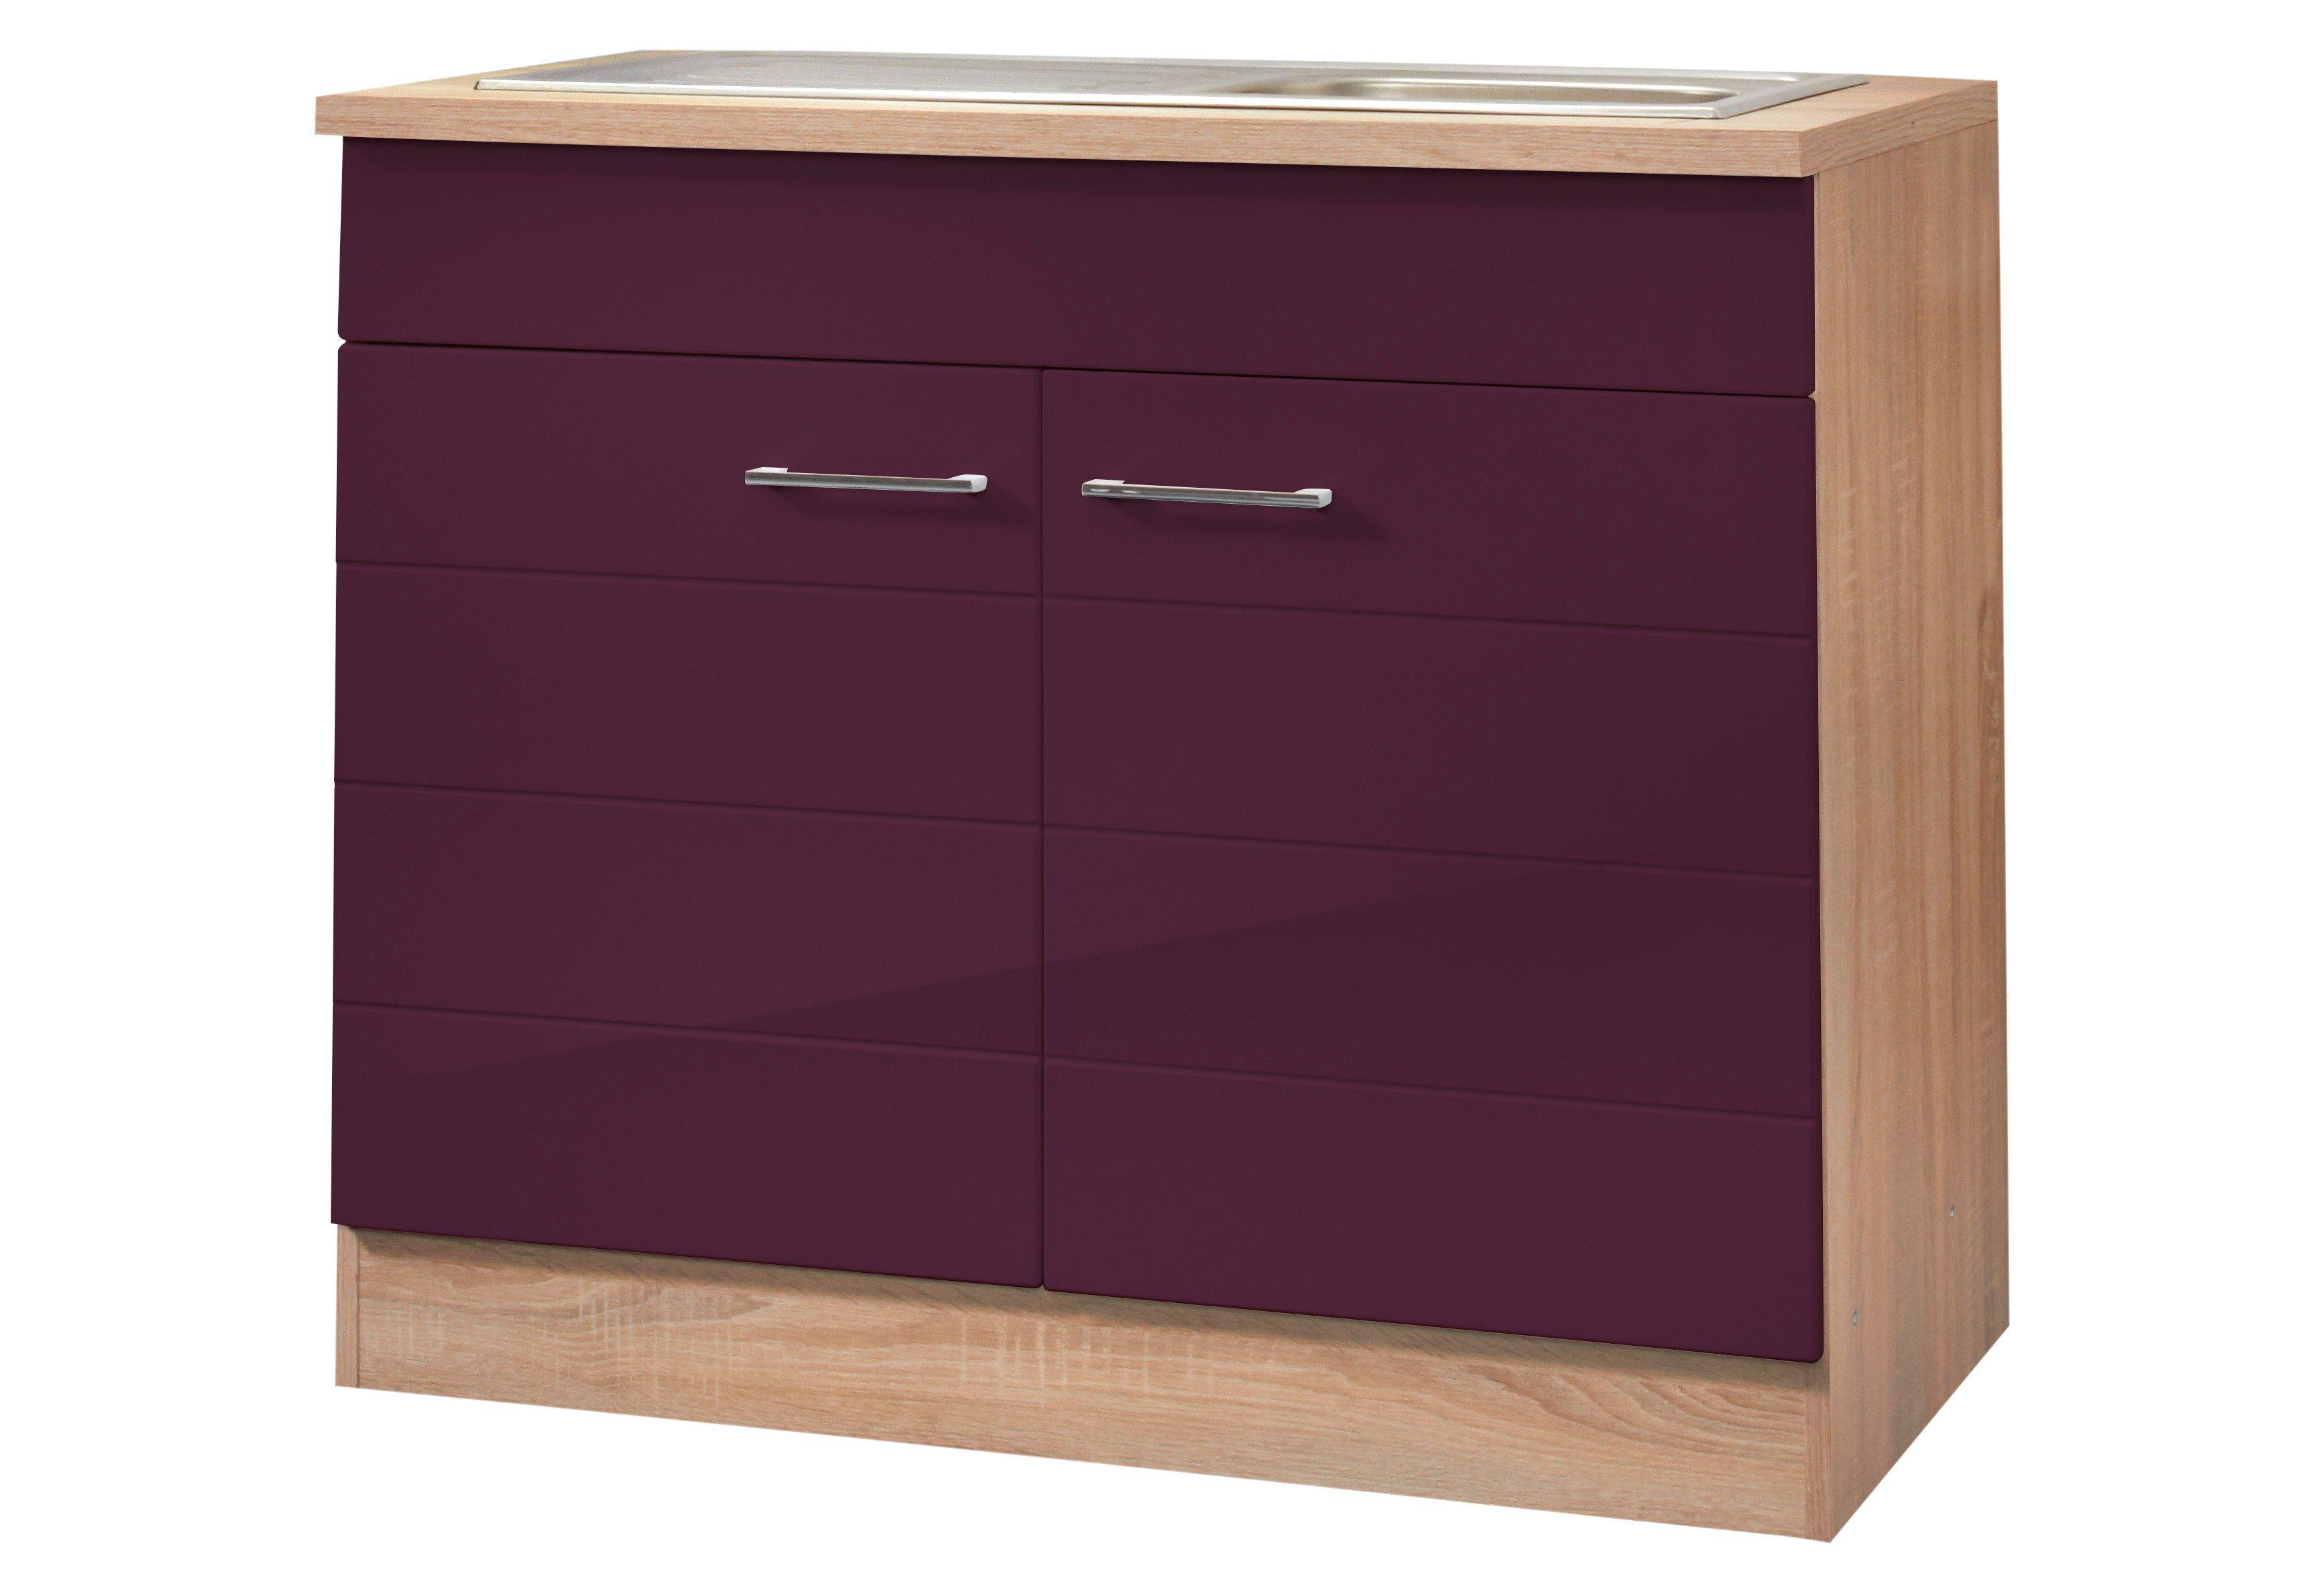 HELD MÖBEL Spülenschrank »Emden, Breite 100 cm« | Küche und Esszimmer > Küchenschränke > Spülenschränke | Holzwerkstoff - Edelstahl | HELD MÖBEL